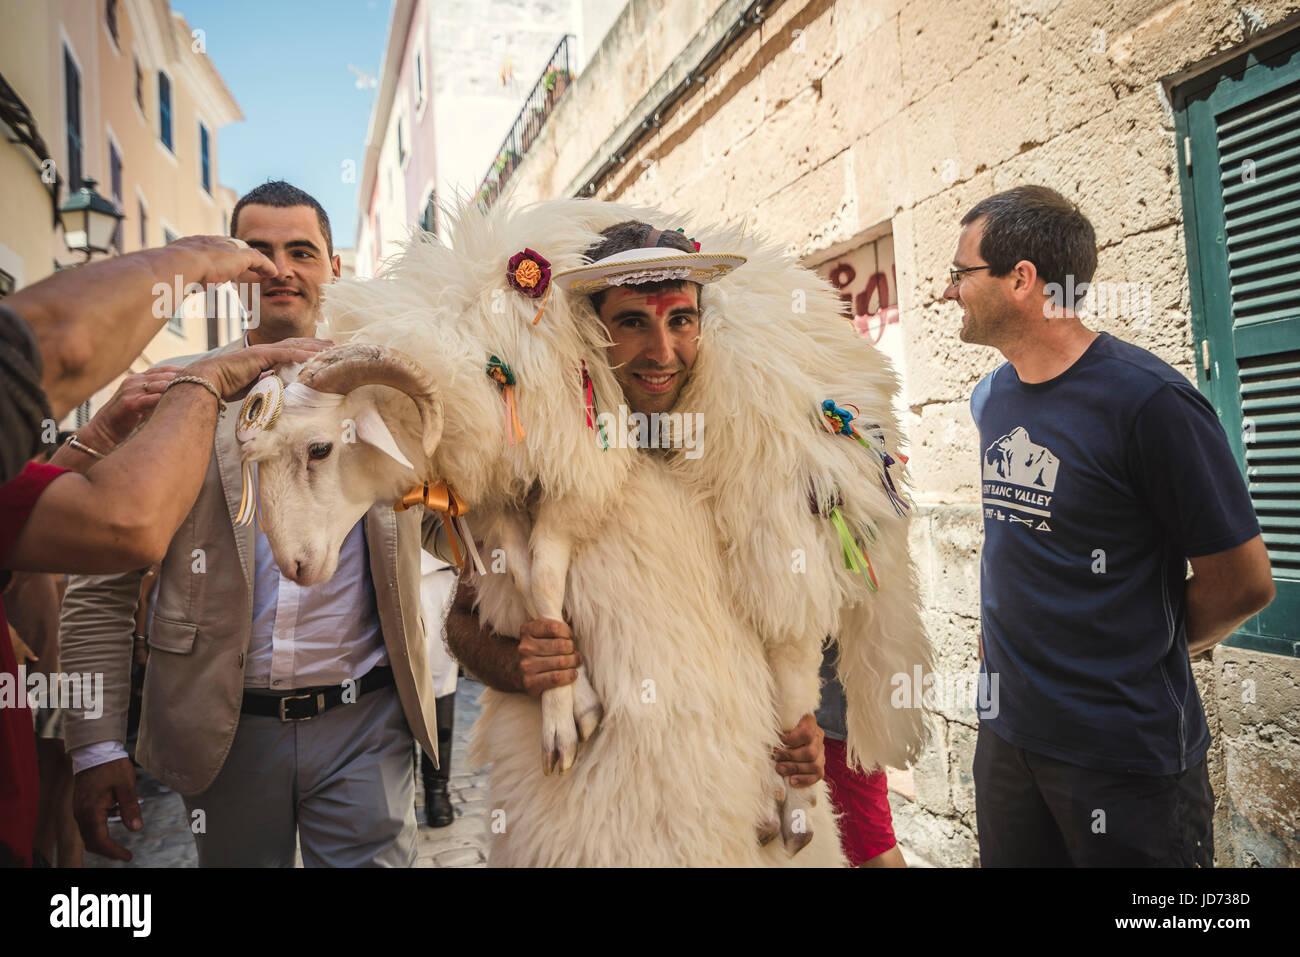 Ciutadella Menorca. Giugno 18th, 2017: sono persone in cerca di fortuna come il cercare di toccare il docile pecore Immagini Stock